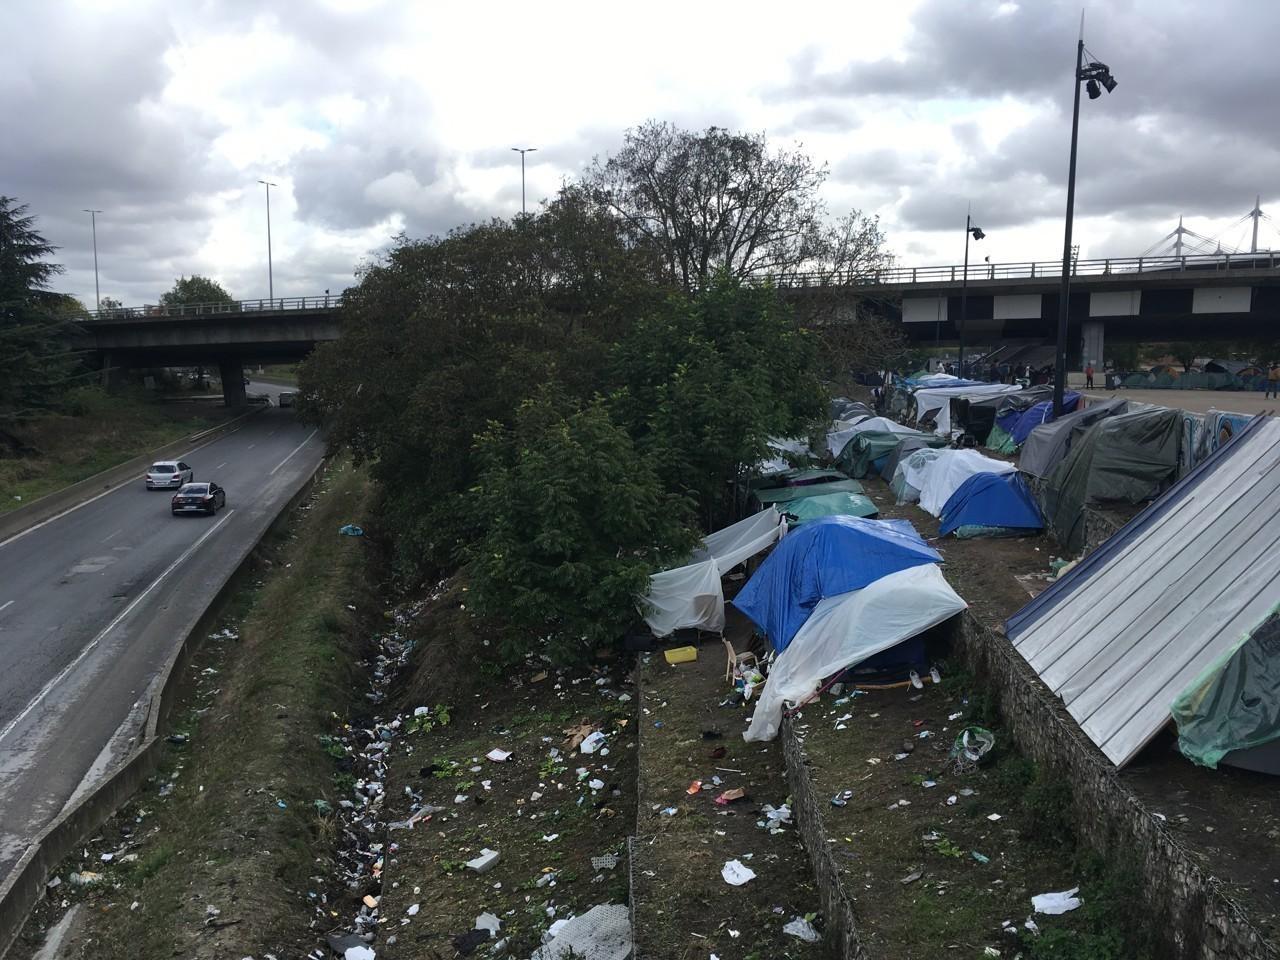 Camp de migrants en Seine-Saint-Denis (93) : il est urgent que ce campement soit évacué